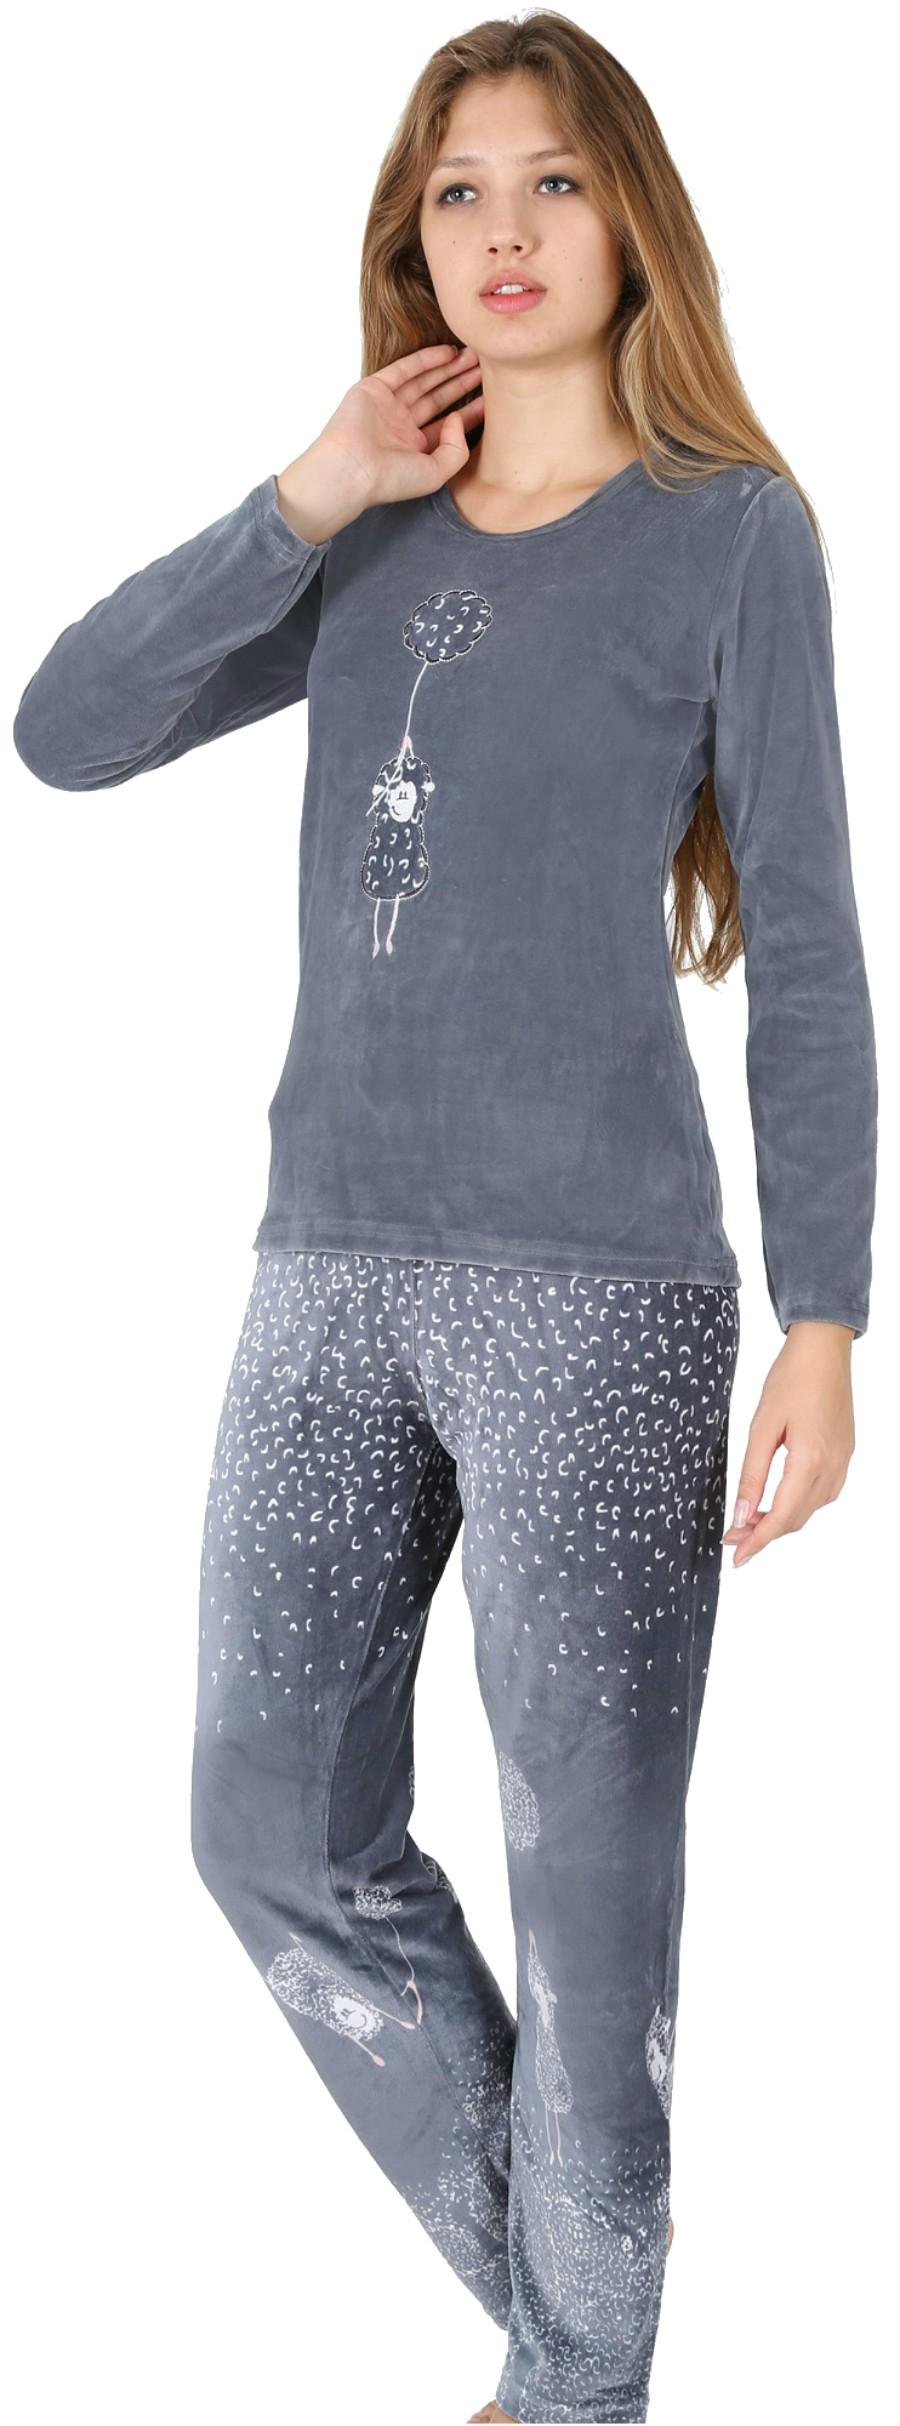 d955345dcd Pijama Terciopelo Largo Manga Larga Mujer Oveja Globo Tundosado - Moda y  Pijamas